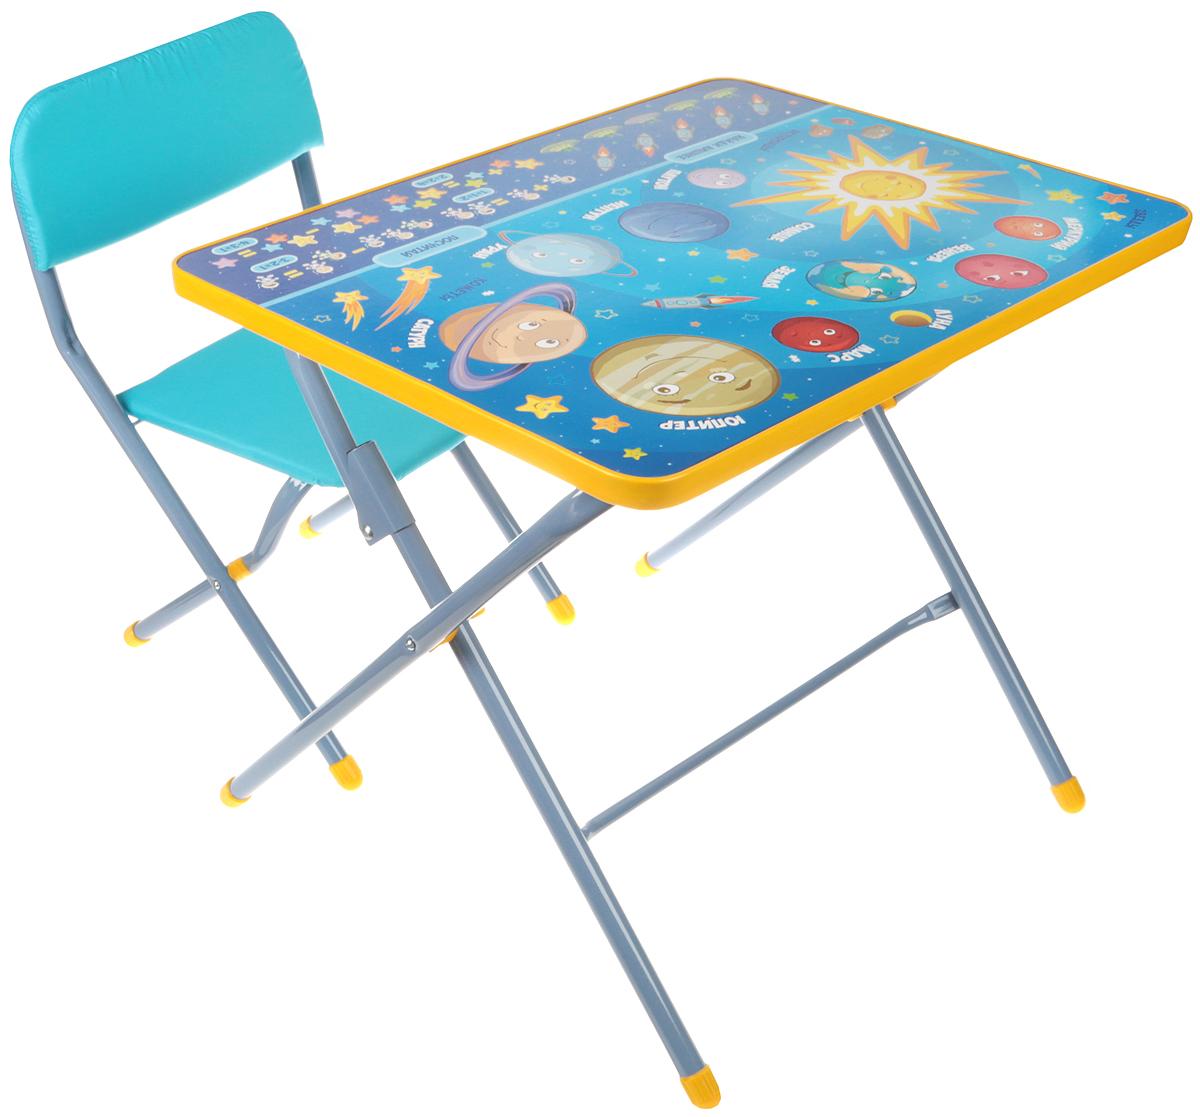 Фея Набор детской мебели Досуг Космос фея набор детской мебели досуг динозаврики